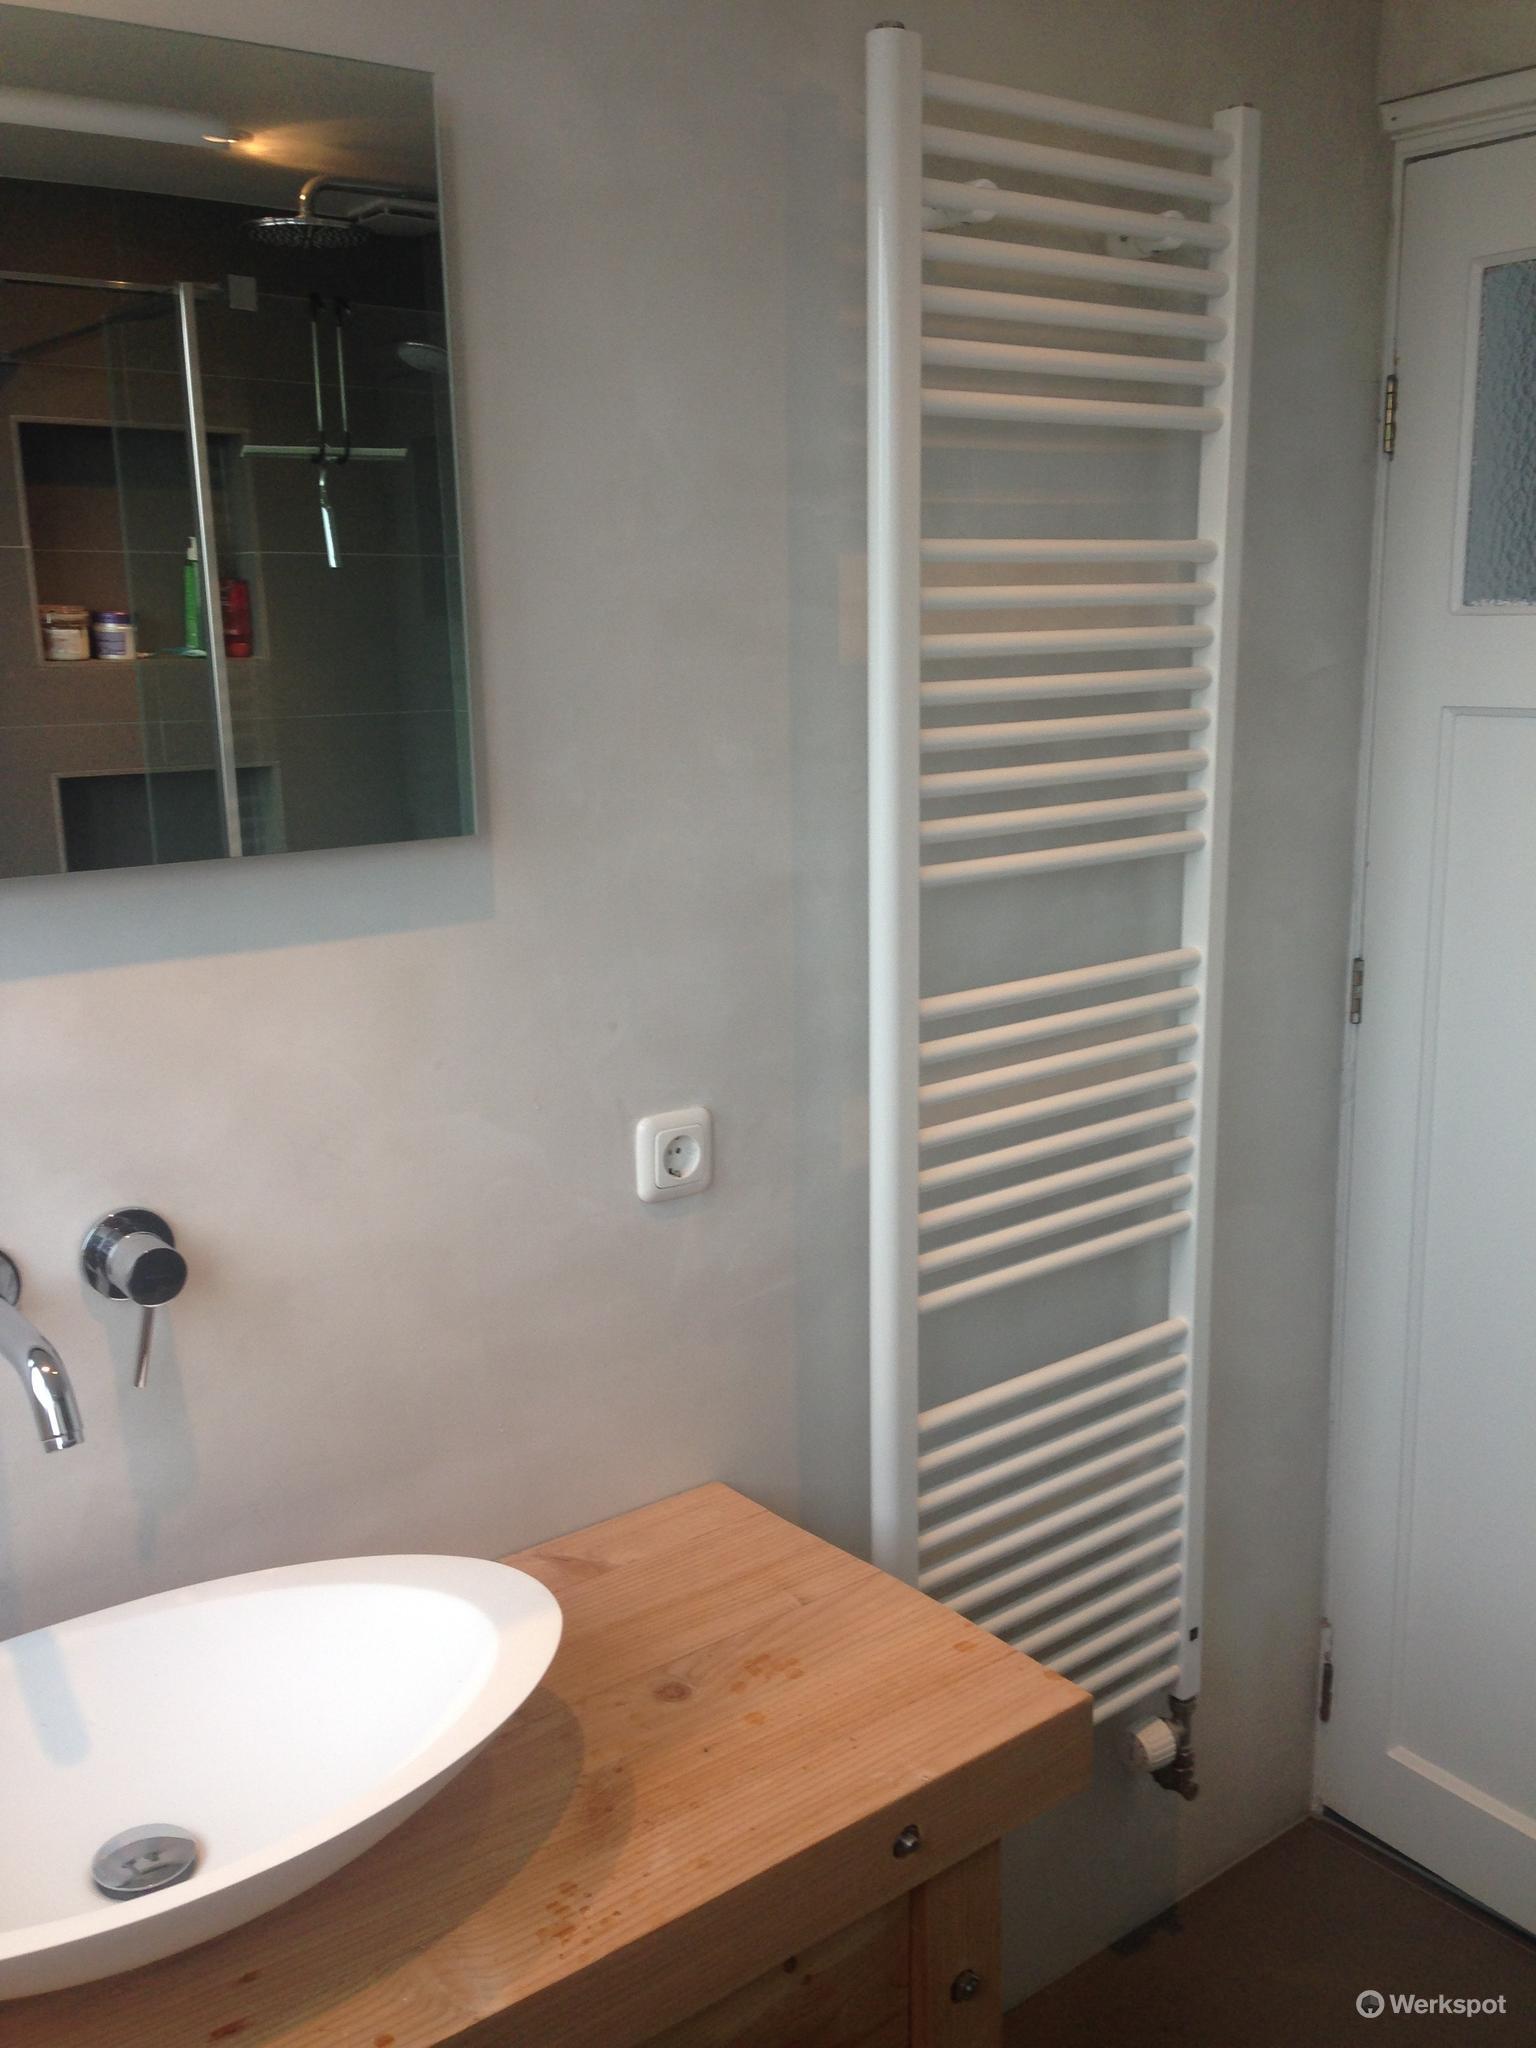 Badkamer renoveren + aanleggen vloerverwarming - Werkspot